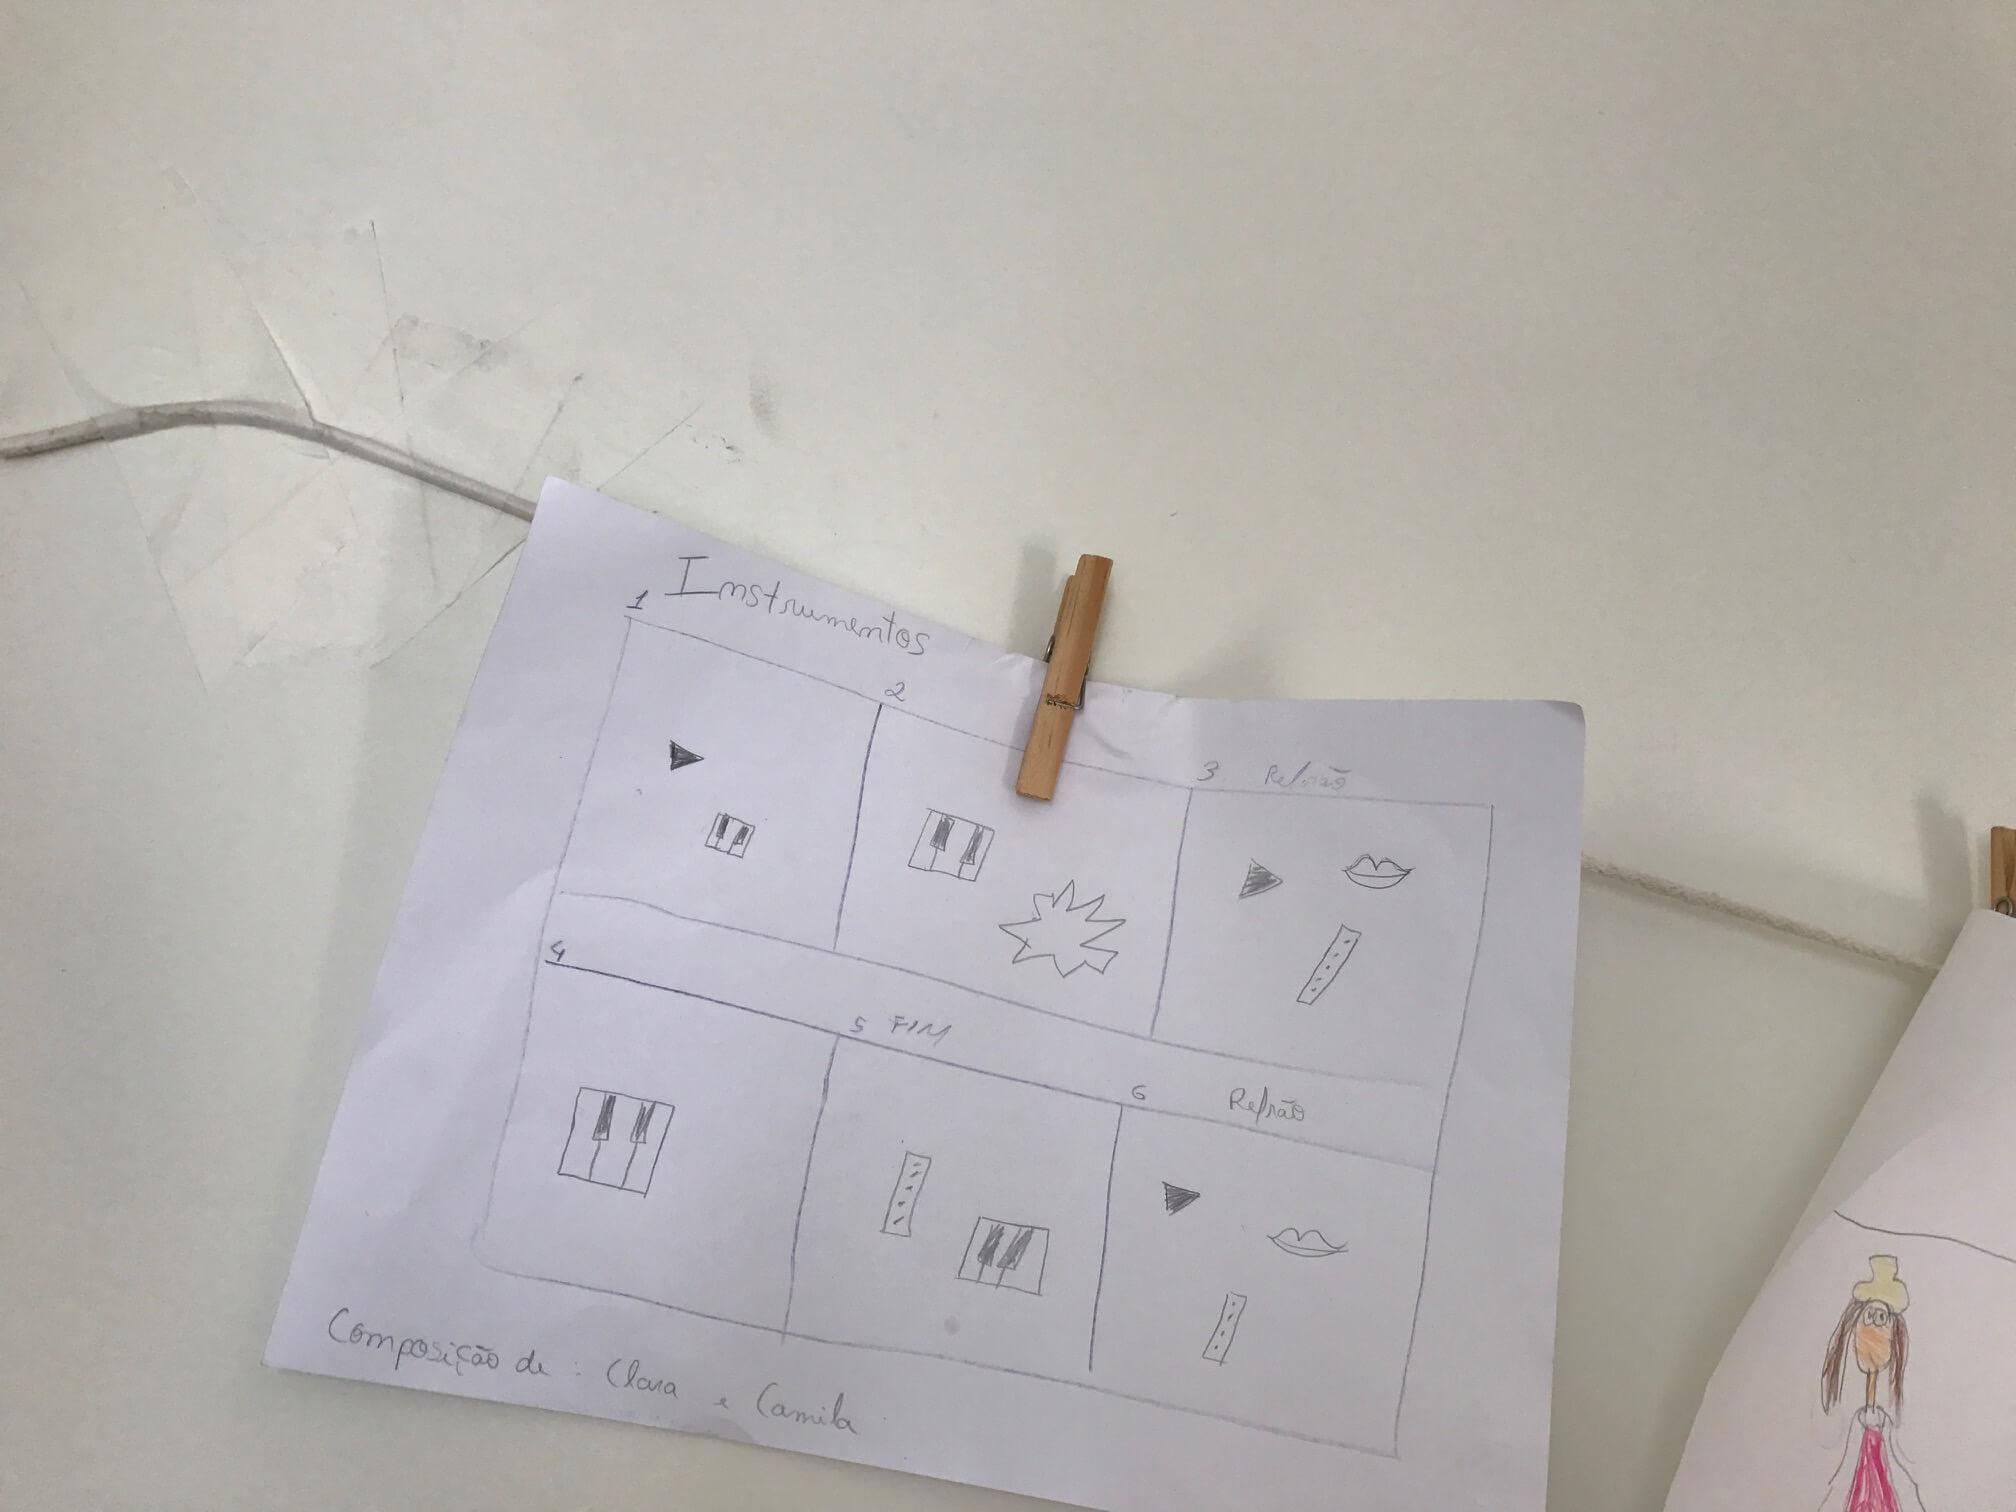 desenho de criança preso no varal na parede